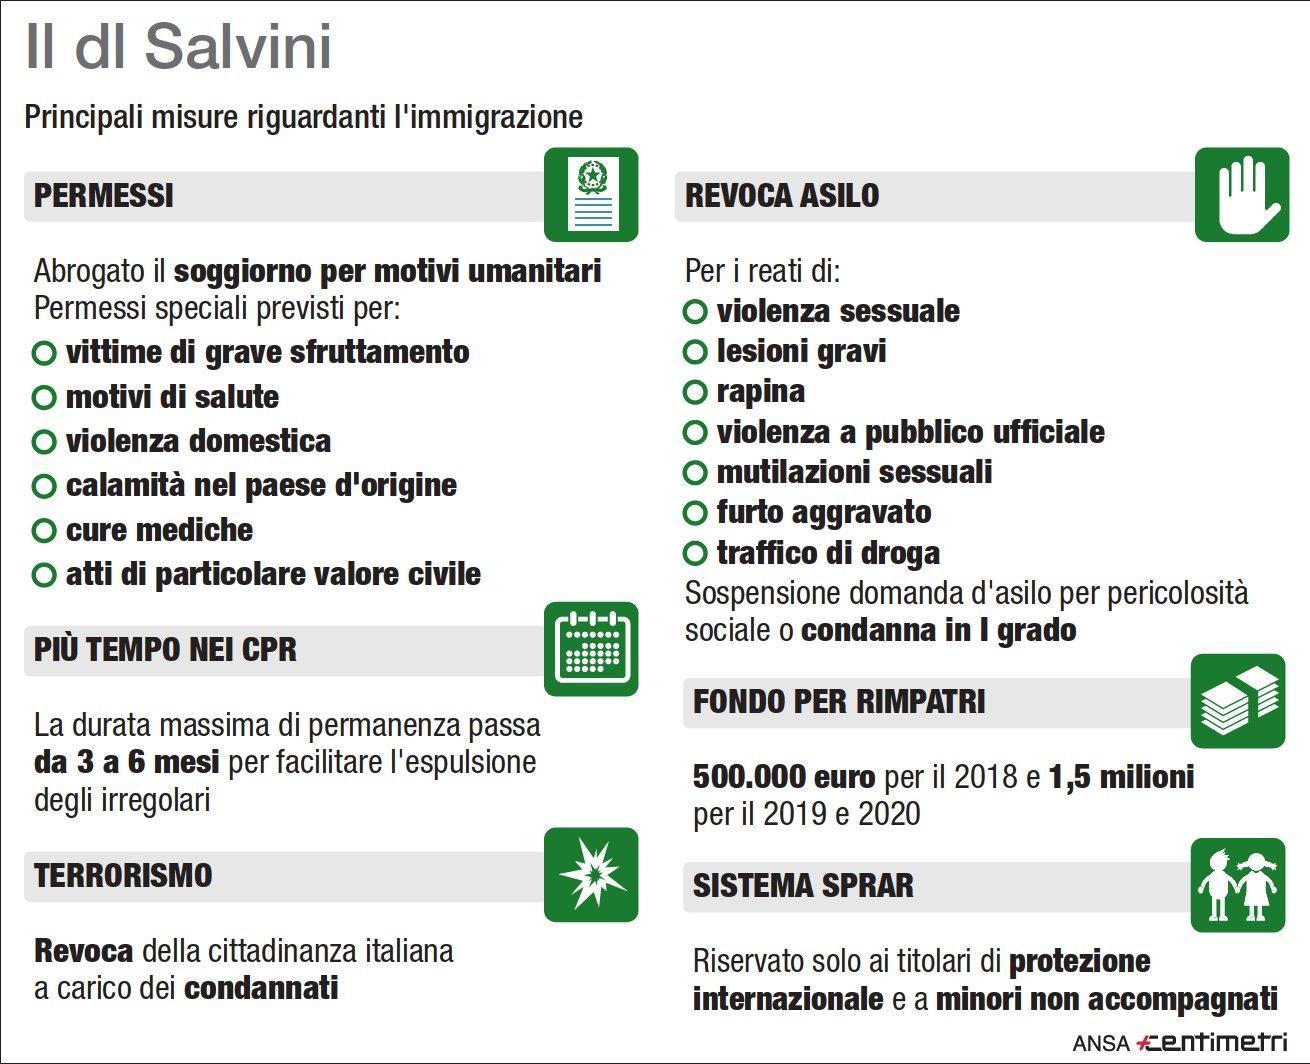 Il dl Salvini punto per punto